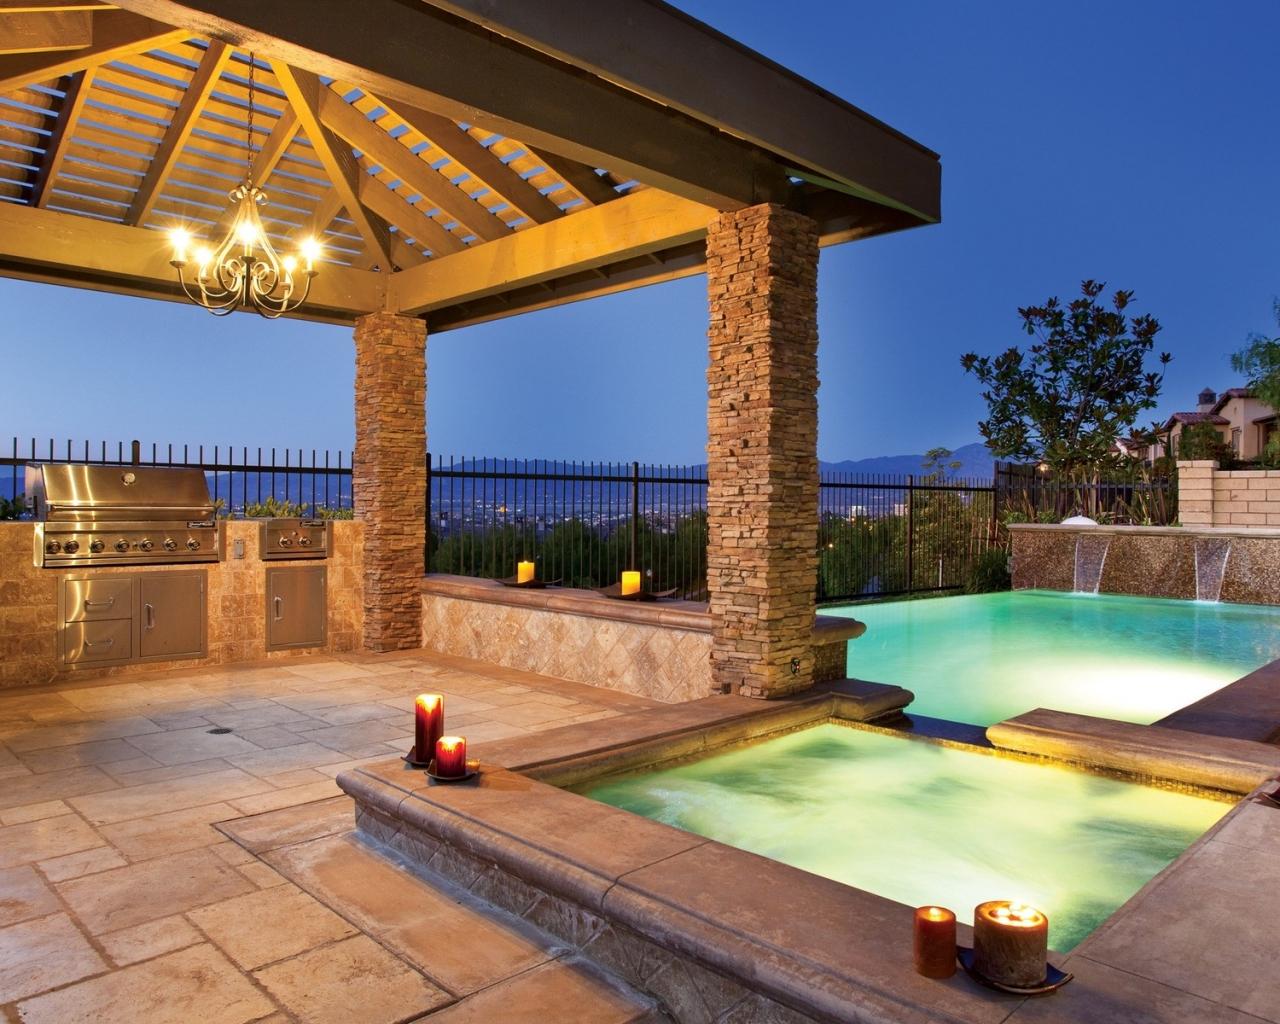 Diseño de una piscina - 1280x1024